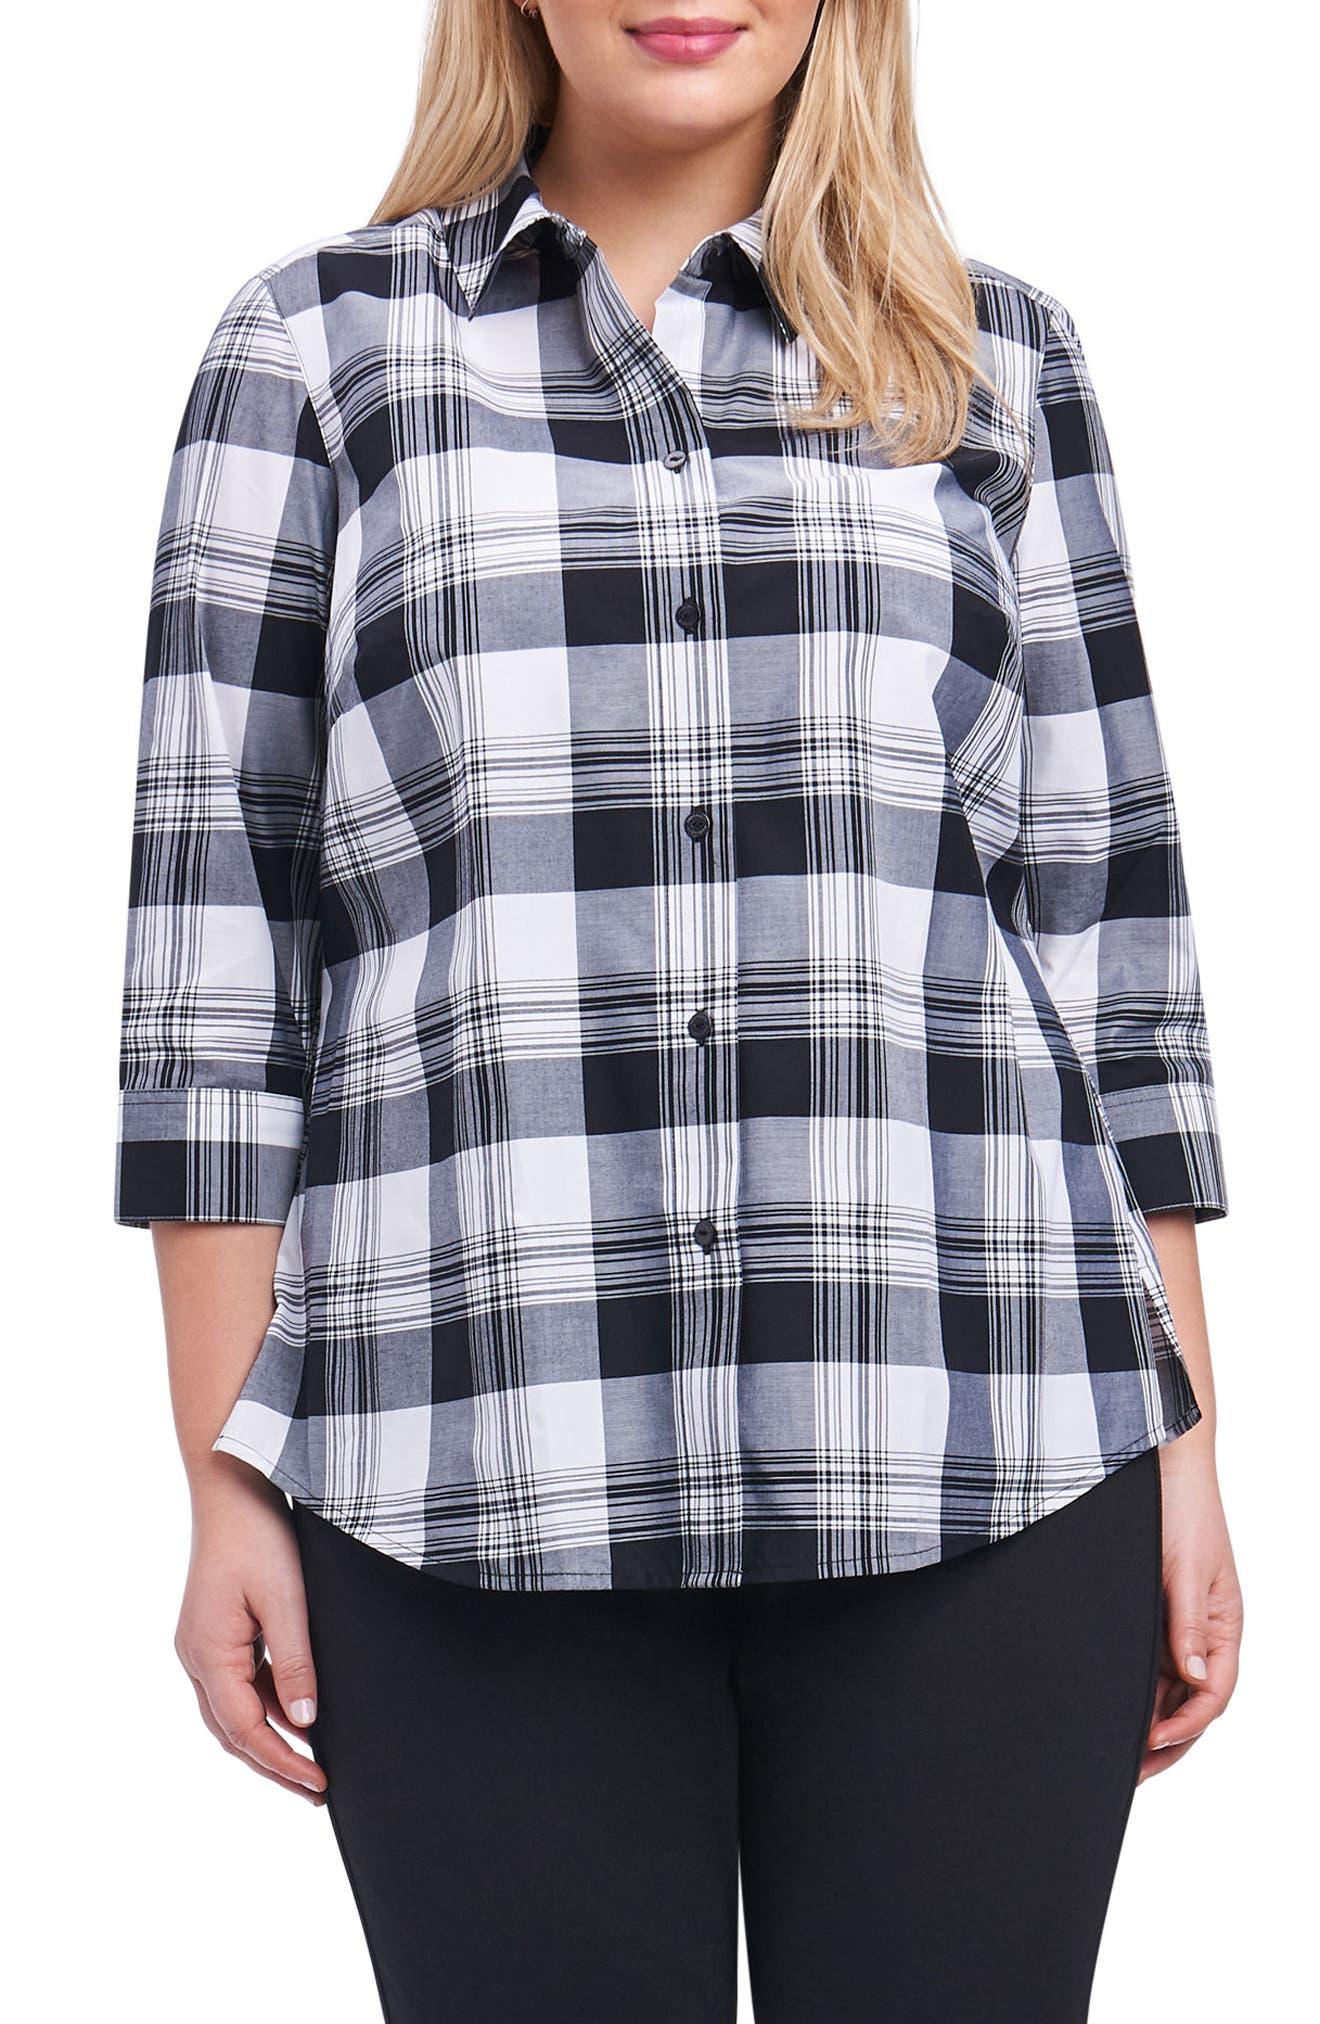 Main Image - Foxcroft Sue Shaped Fit Plaid Shirt (Plus Size)